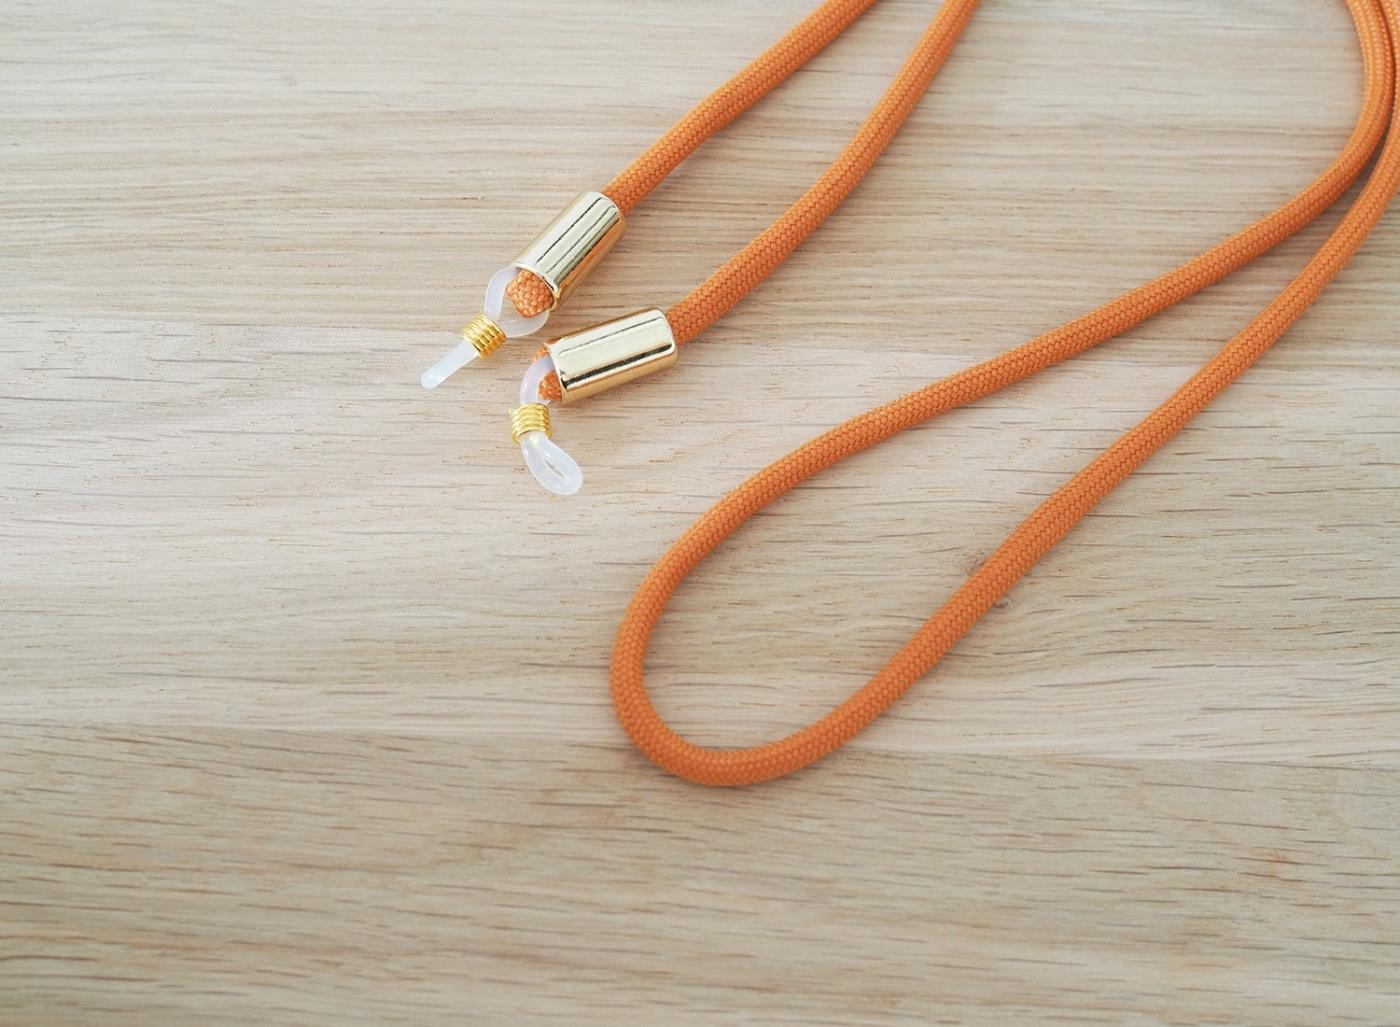 Brillenband mit goldenen Silikonschlaufen individuell verstellbar für jede Brillenmodell